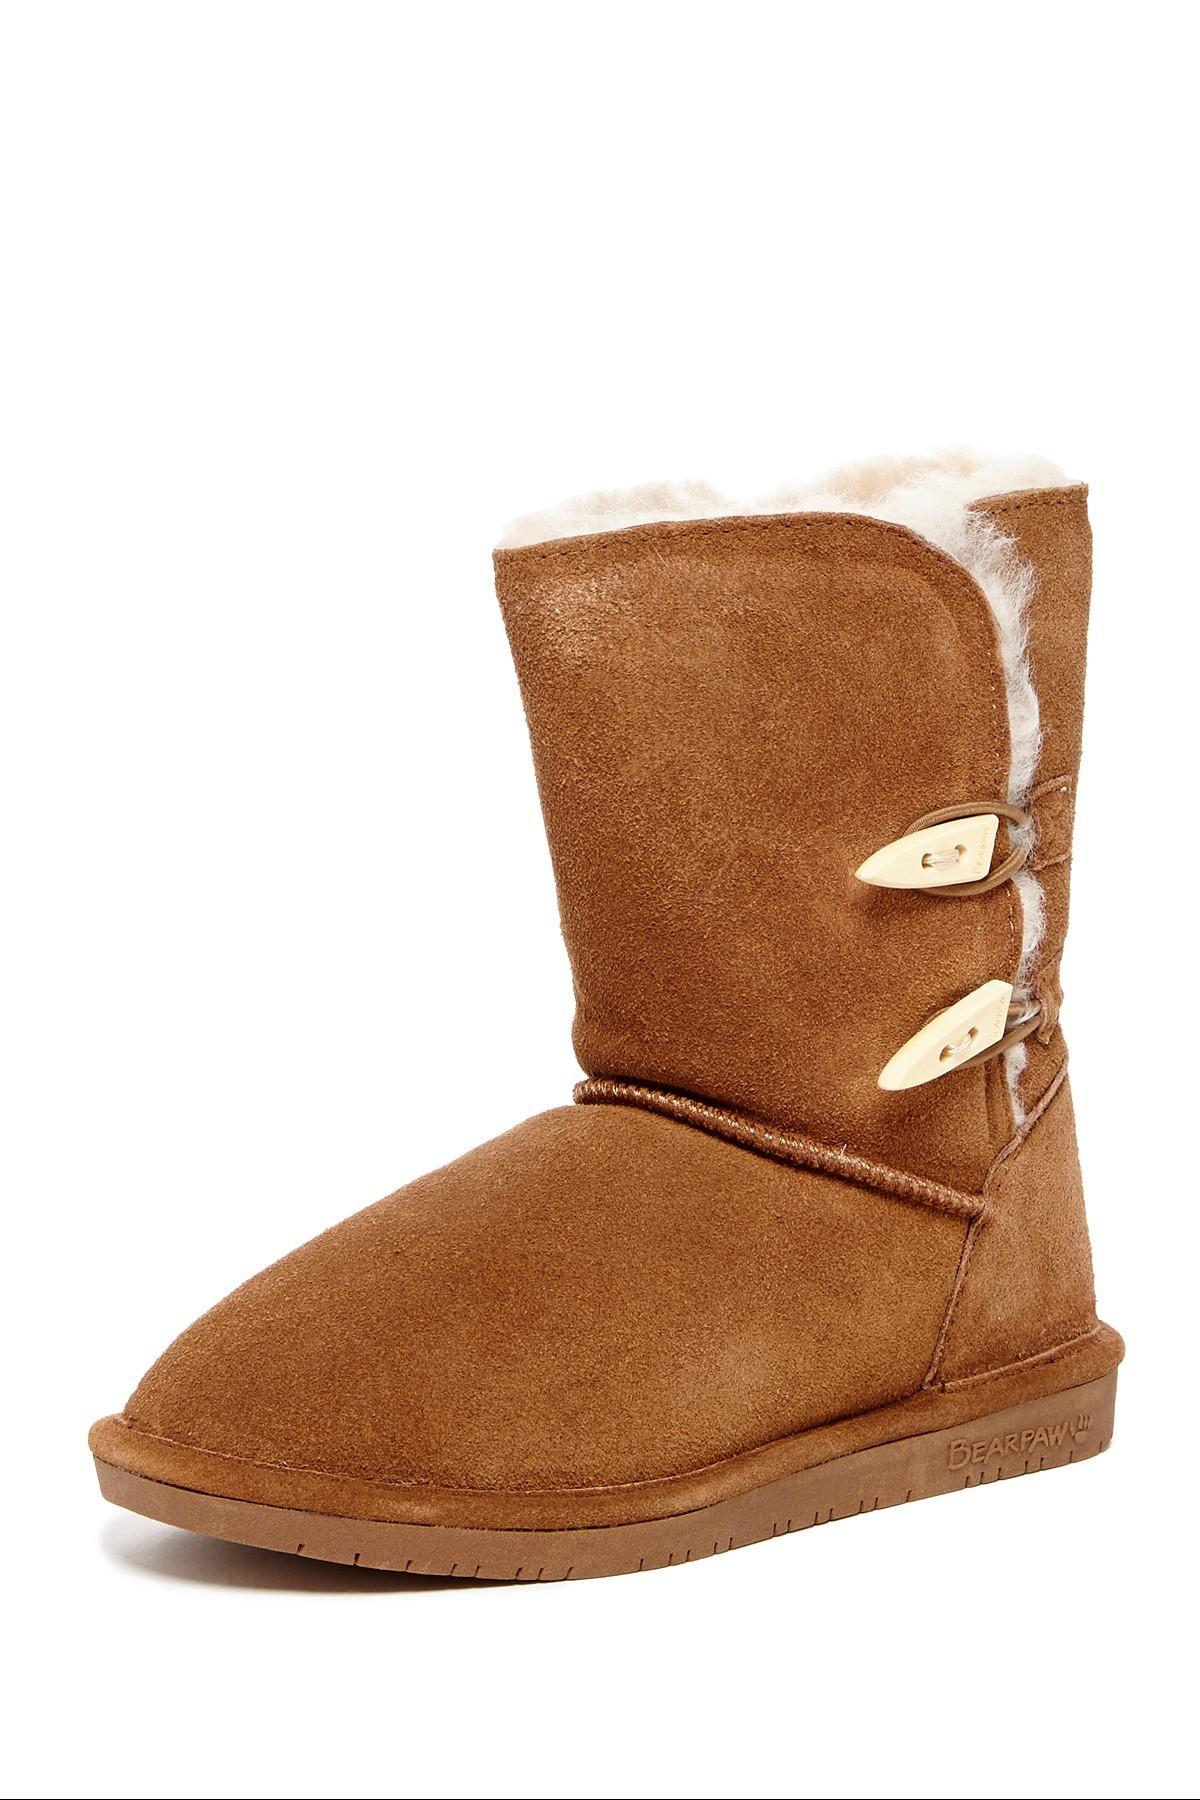 Bearpaw Abigail Genuine Sheepskin Lined Boot In Brown Lyst